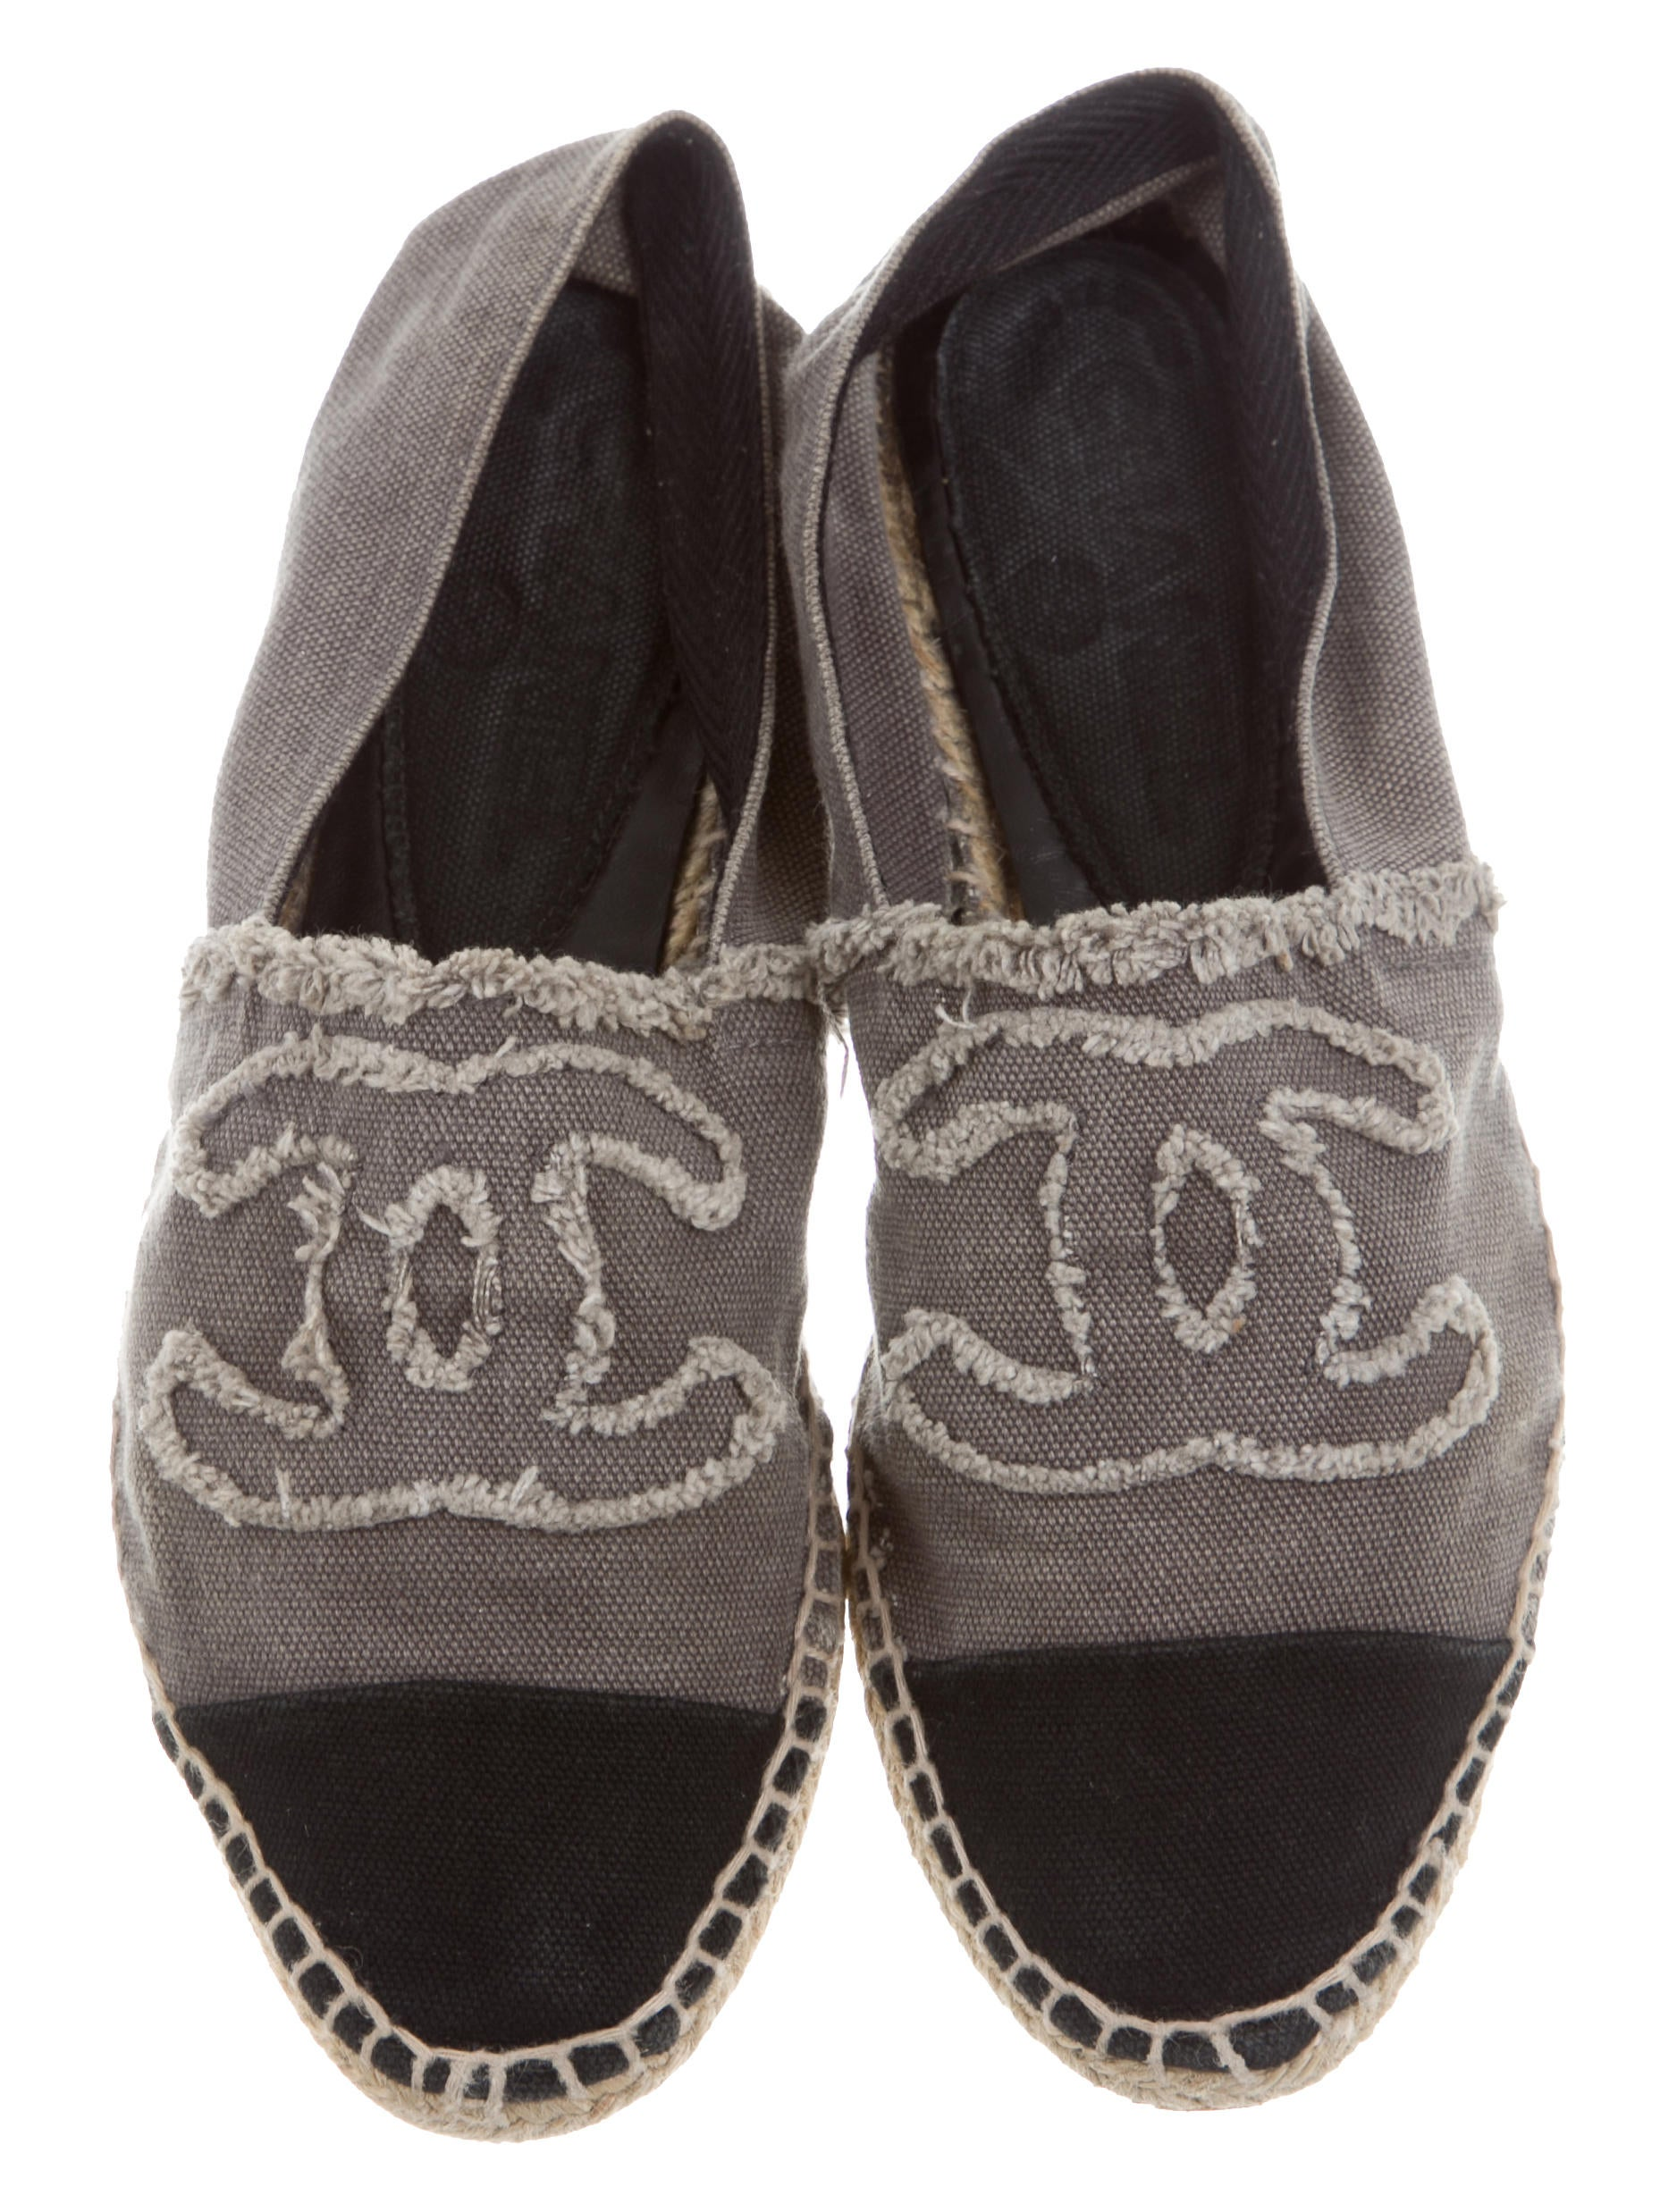 chanel canvas cc espadrilles shoes cha160889 the